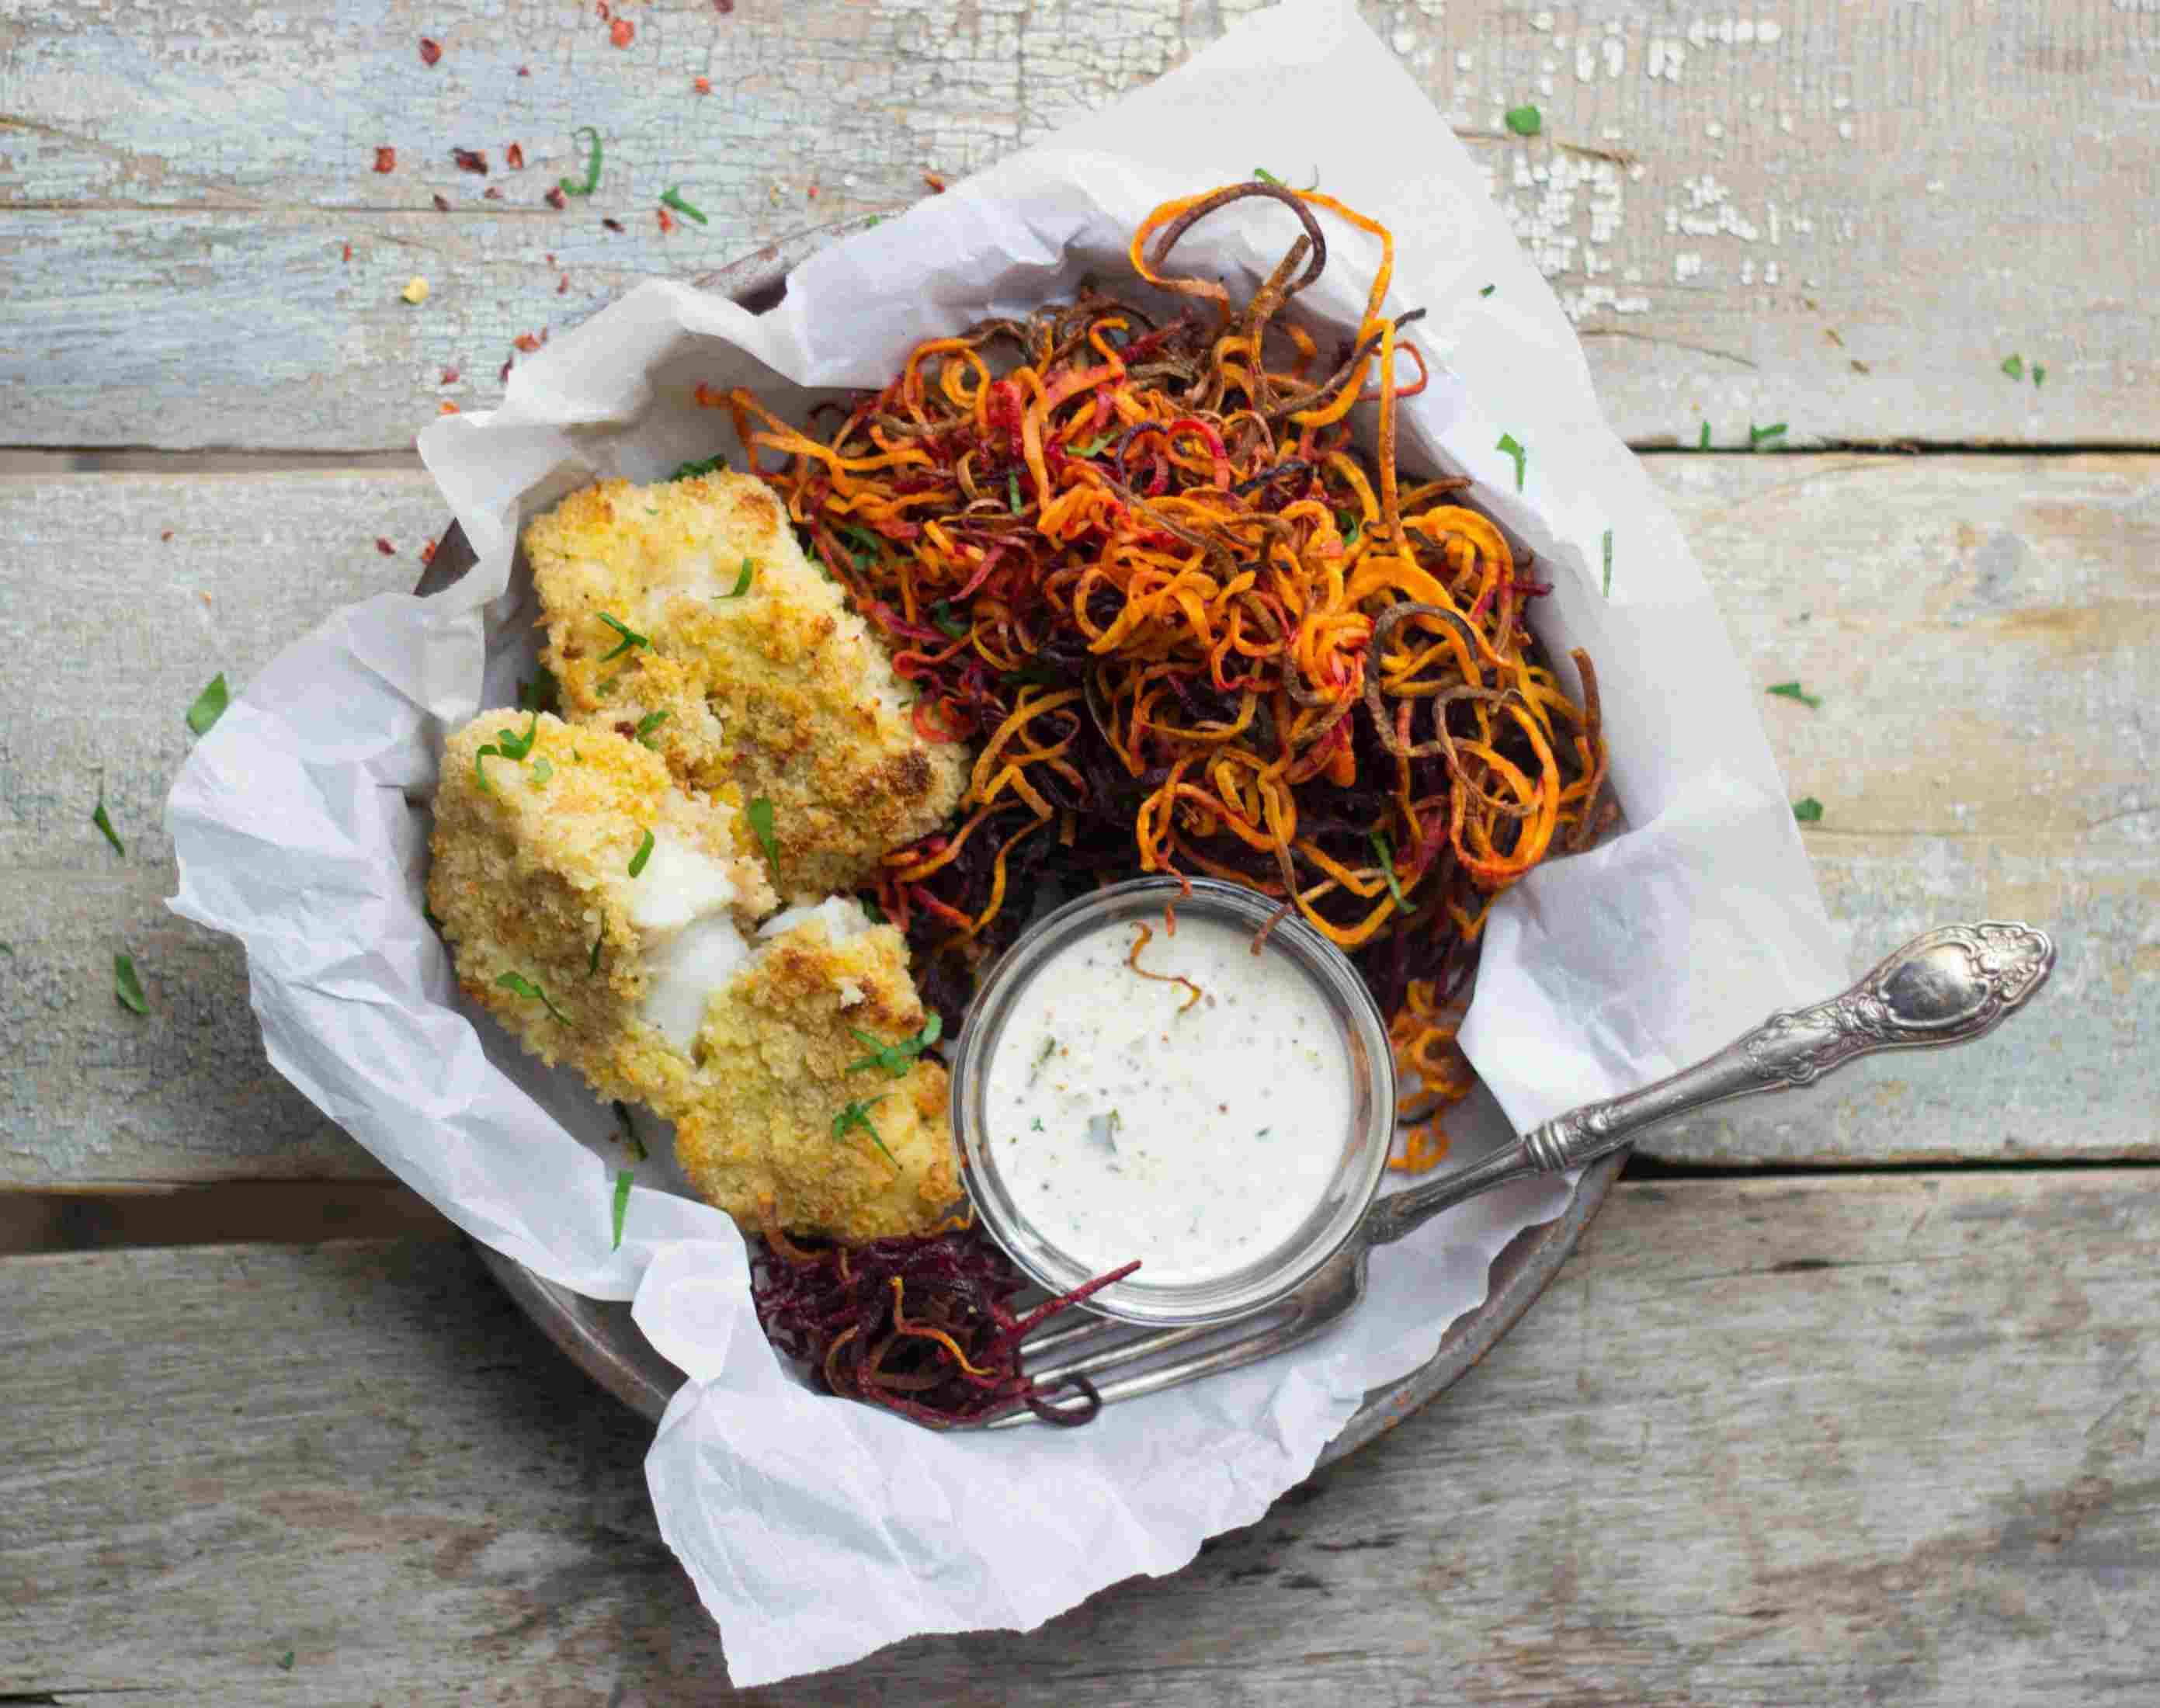 Pescado blanco y batatas fritas